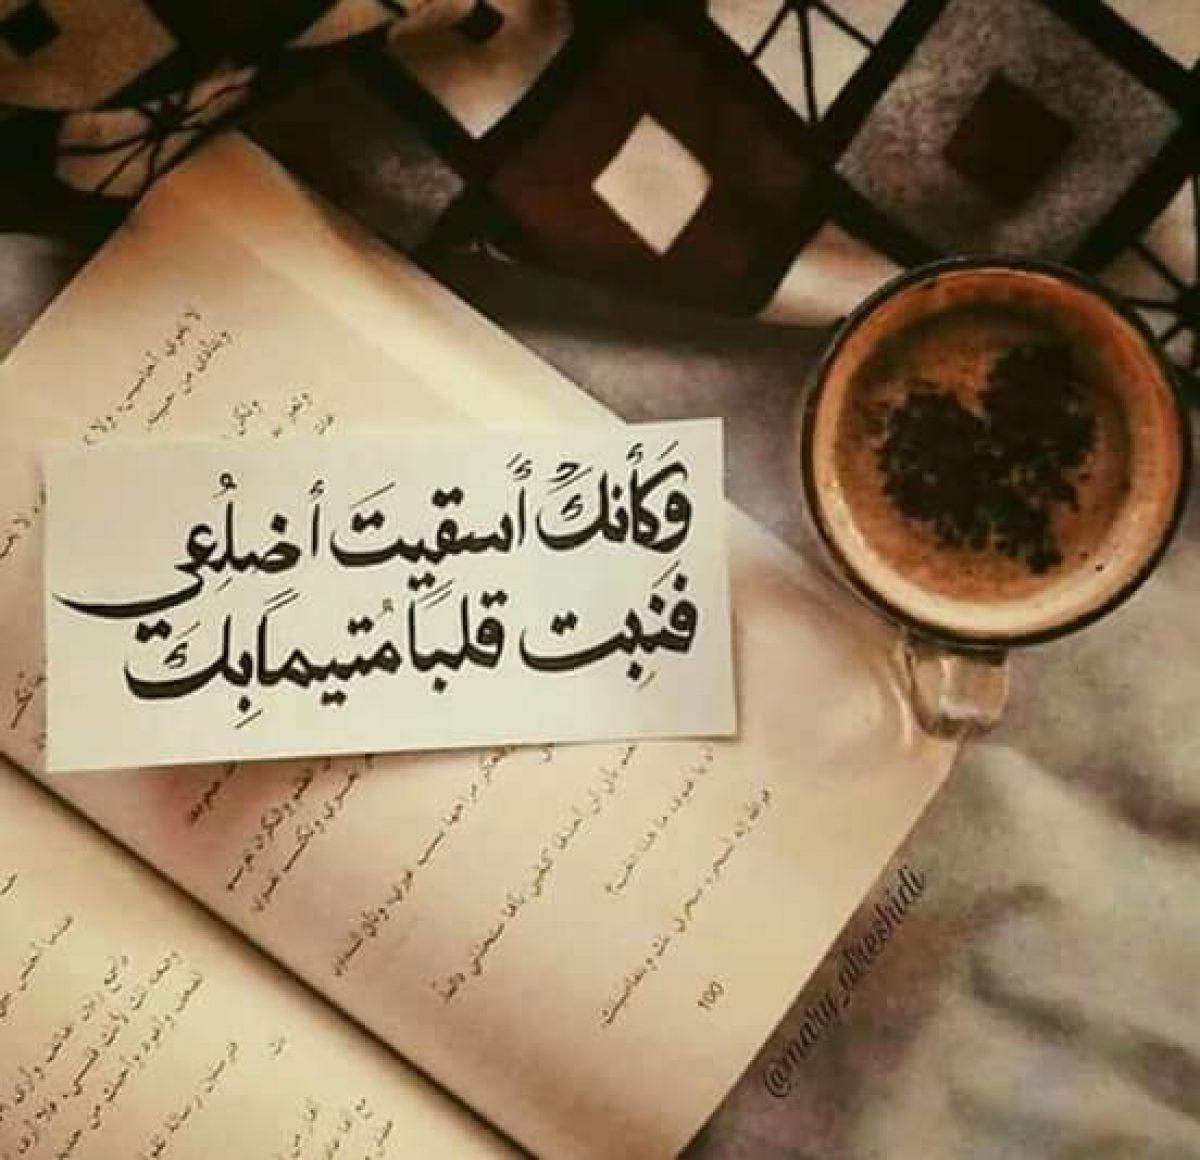 بالصور اجمل رسالة حب , كلمات ستجعل حبيبك يموت فيك 3592 8